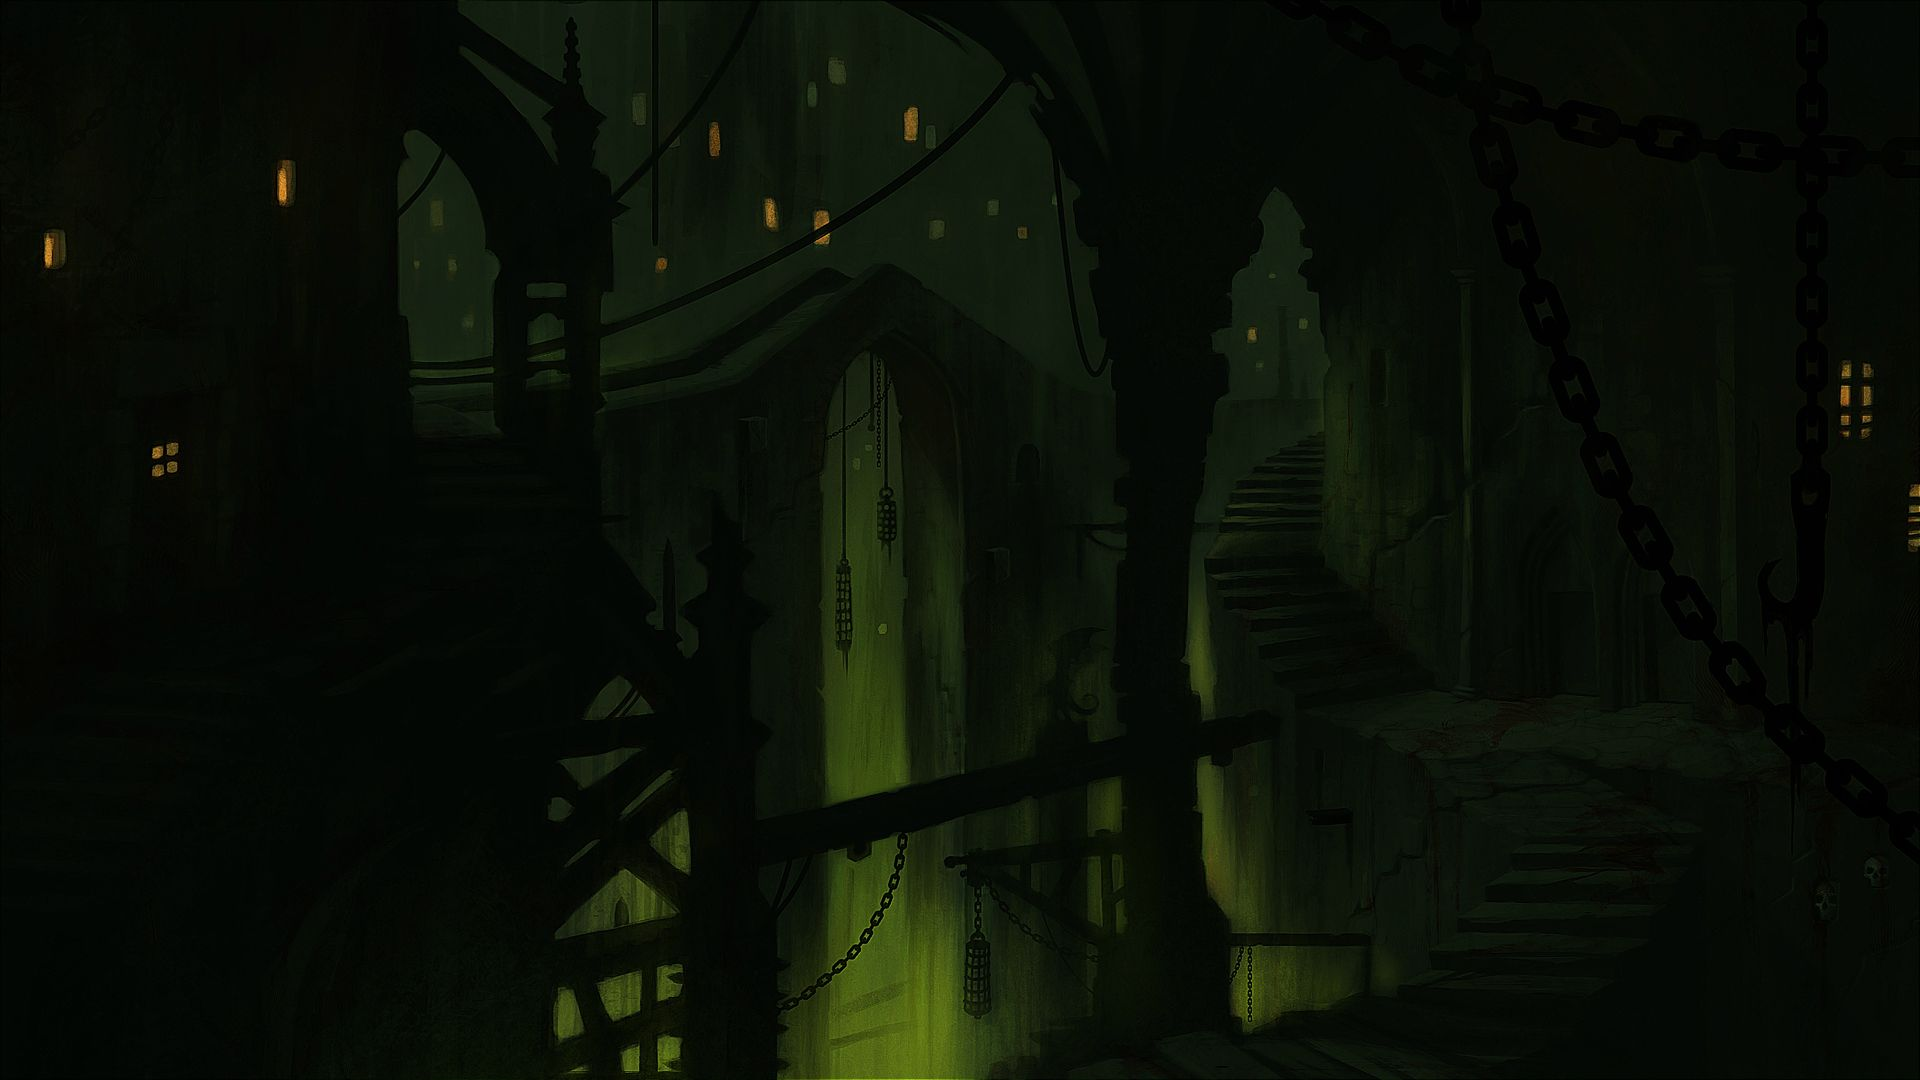 Castlevania-LordsofShadow-MirrorofFate 3DS Visuel 001